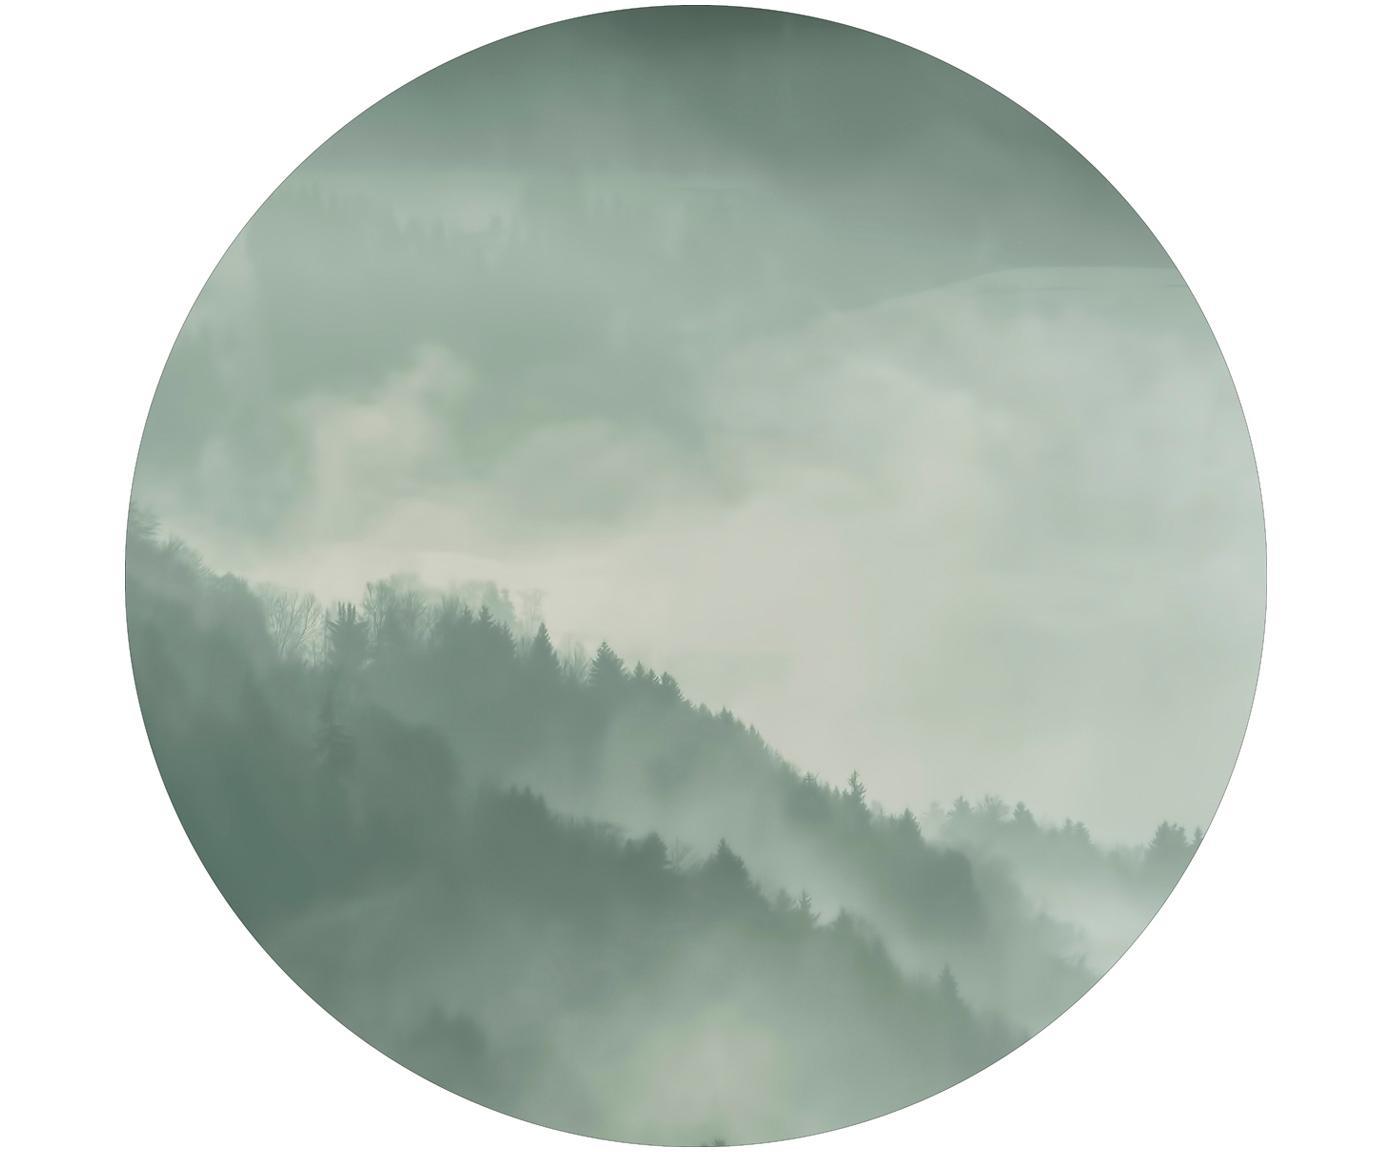 Druk cyfrowy na drewnie Holy Land, Płyta pilśniowa średniej gęstości (MDF), nadruk, Szary, biały, Ø 70 cm